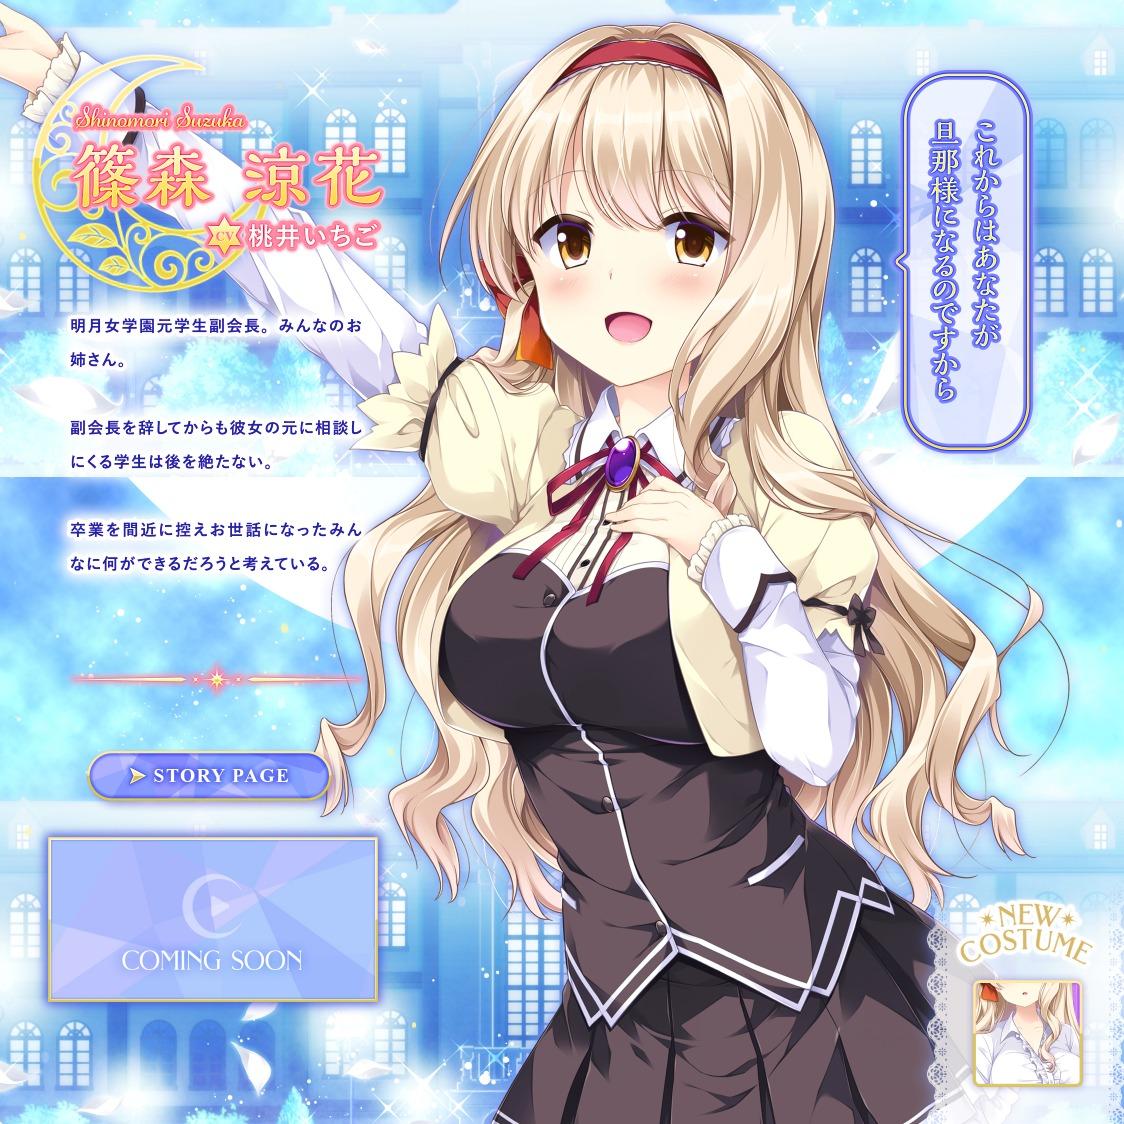 乙女が結ぶ月夜の煌めき Fullmoon Days 公式サイト Character:篠森涼花